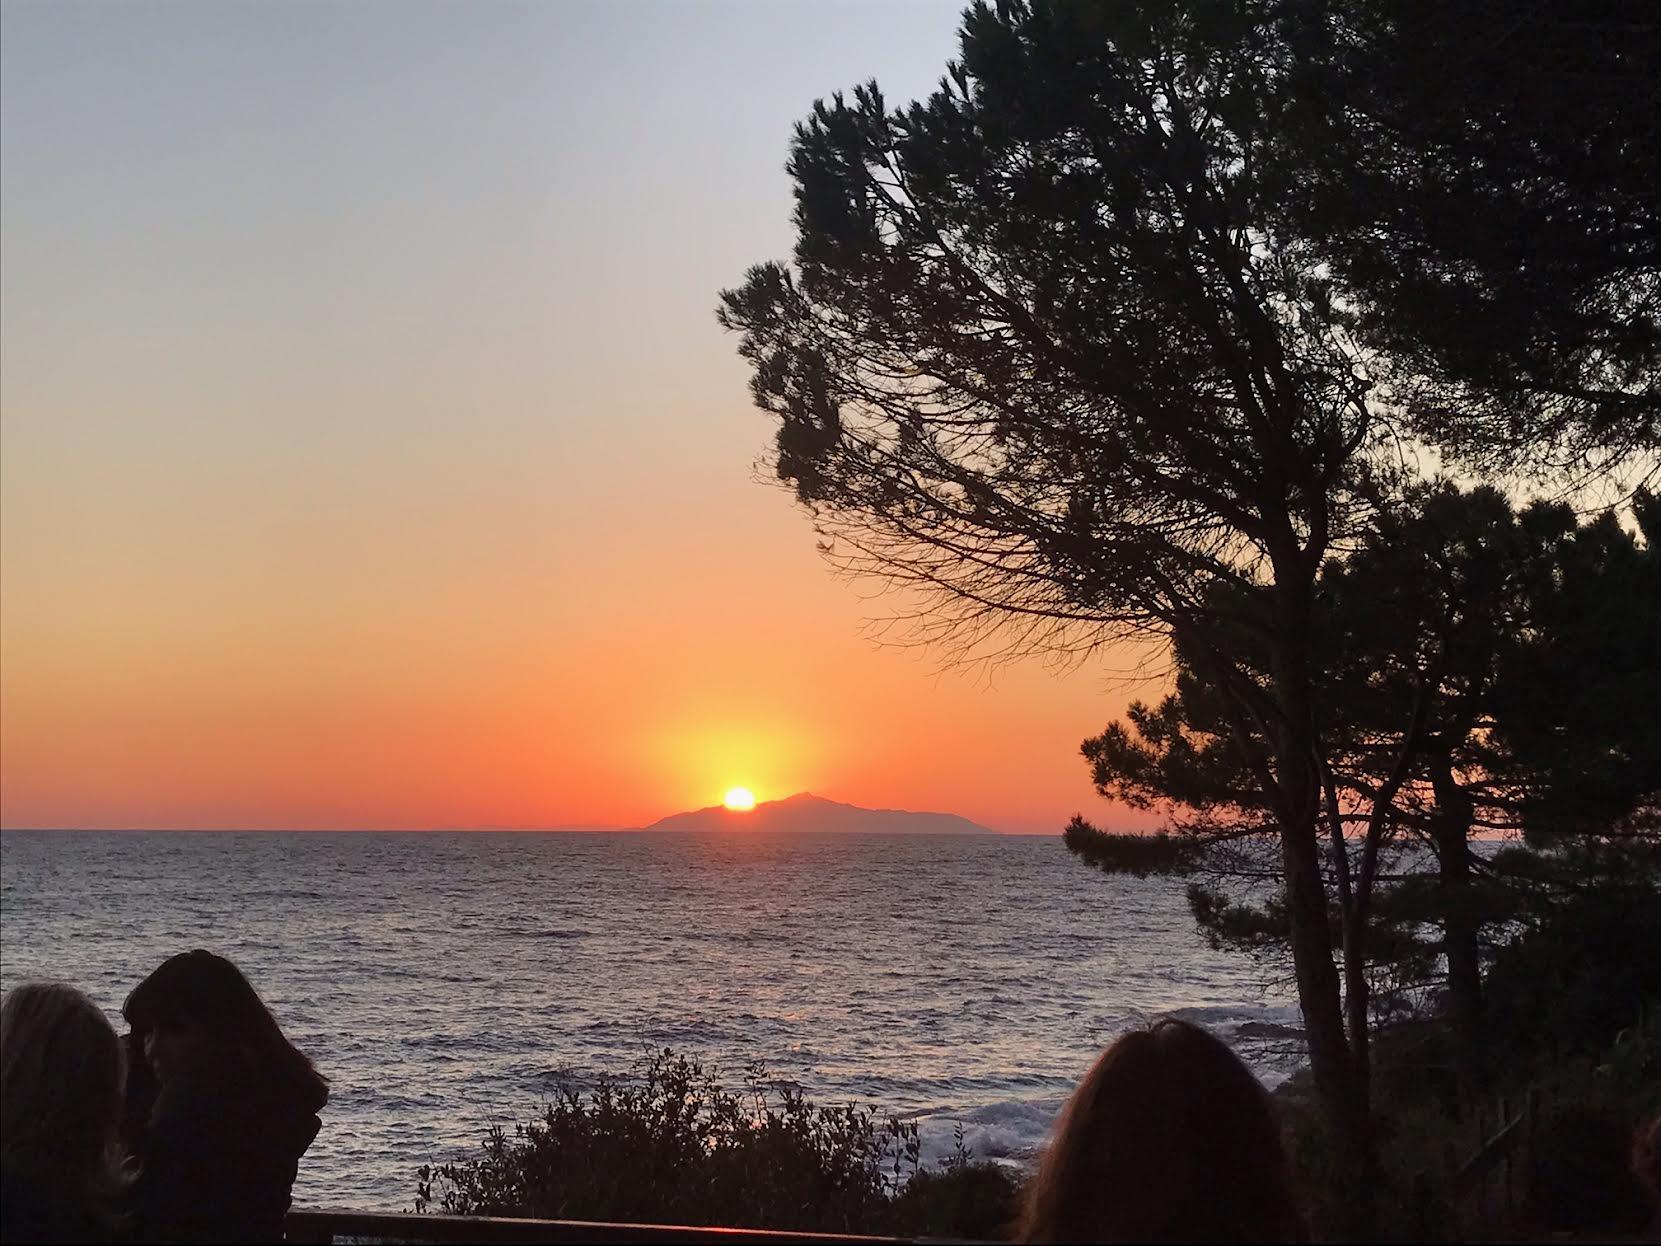 Lever de soleil sur l'archipel toscan vu de Portcciolo (Émilie Gigon)